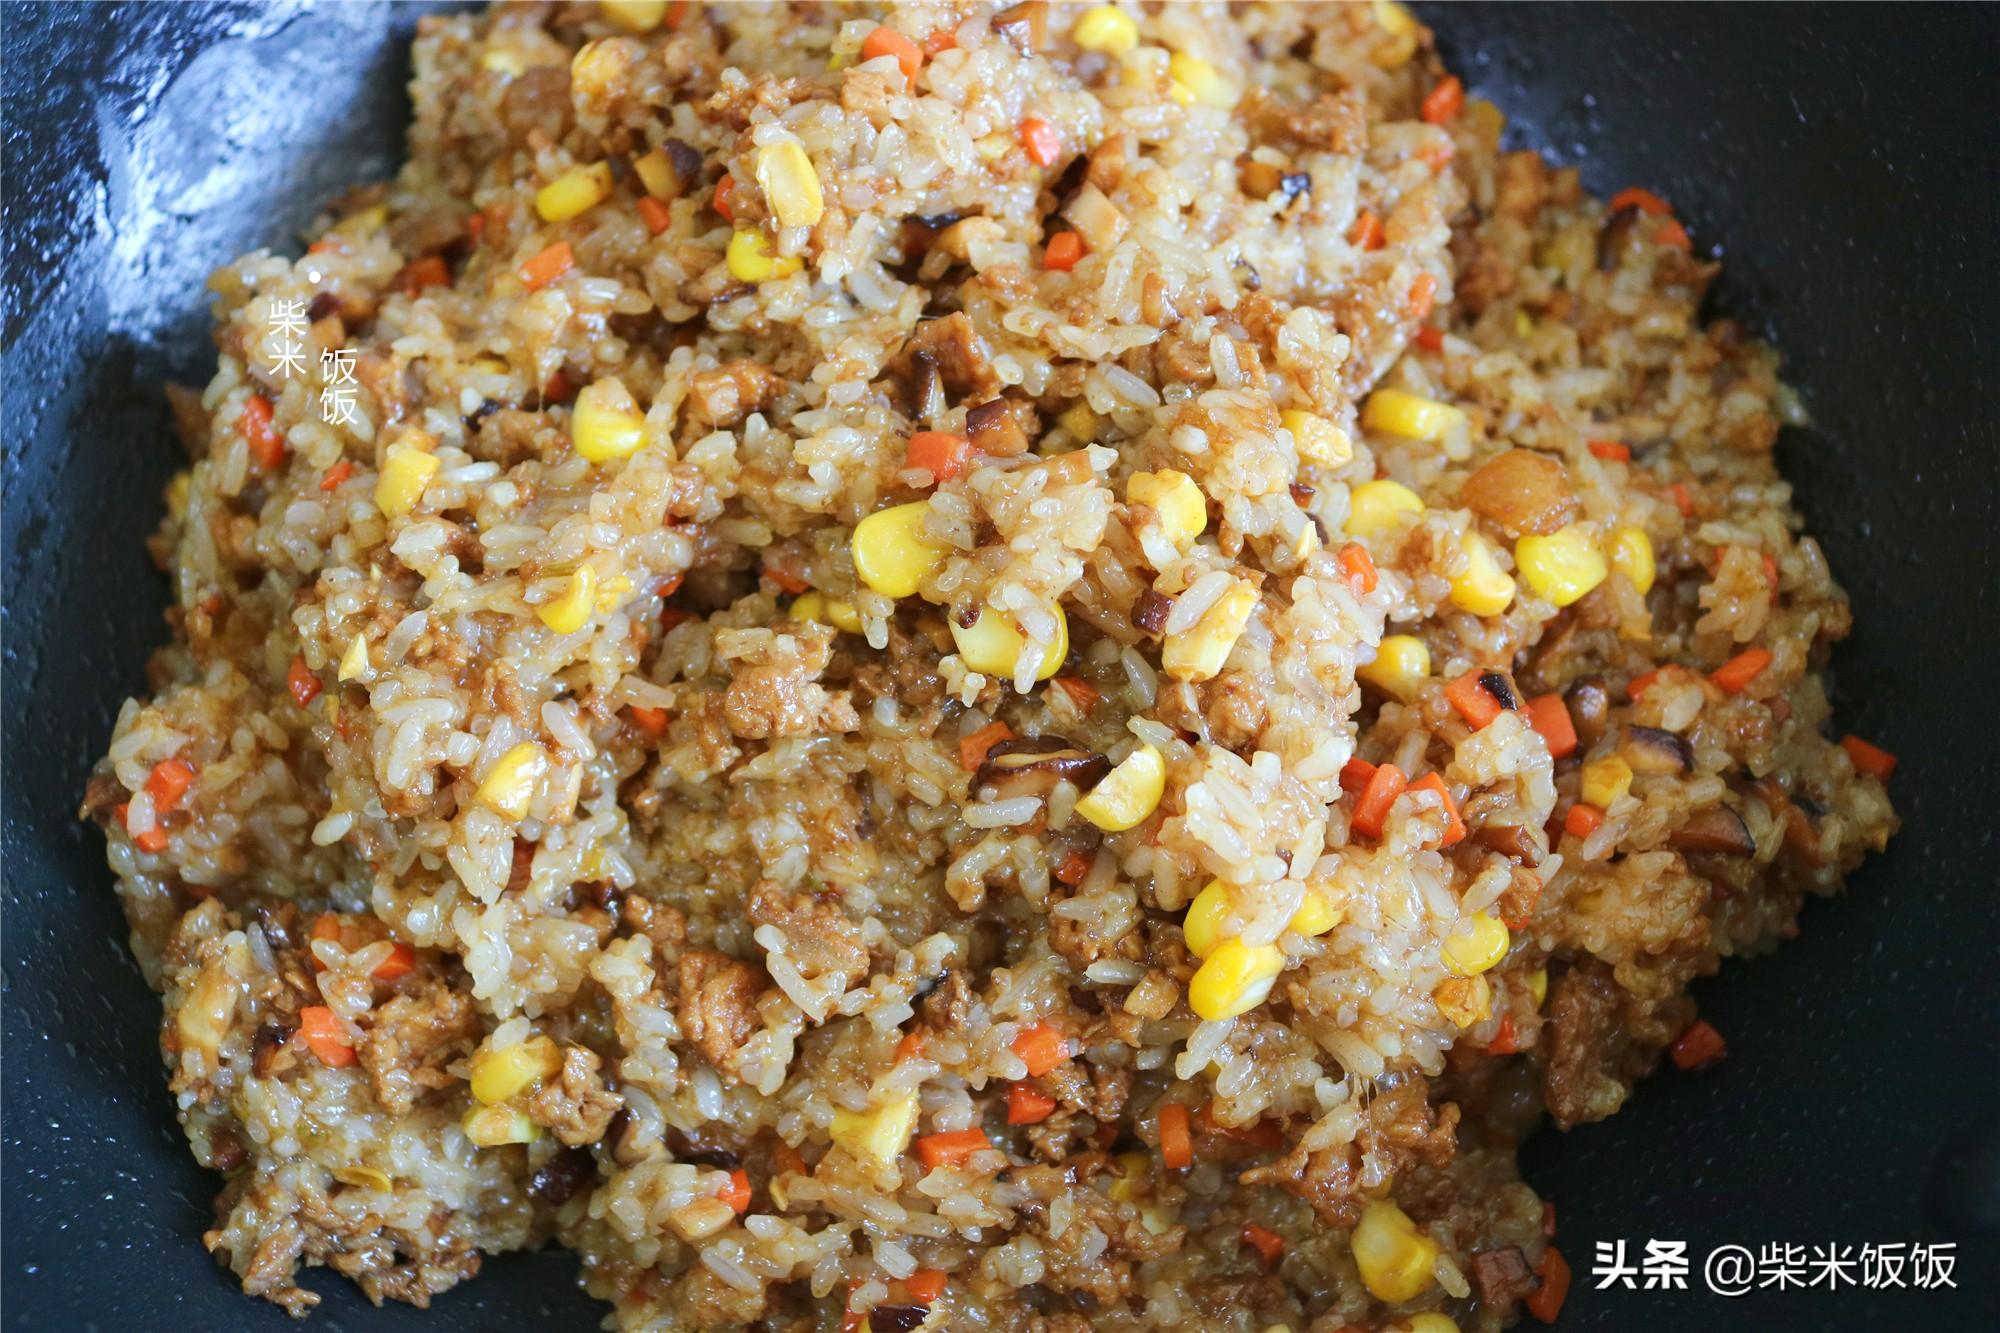 孩子点名要吃的烧麦,做法比饺子简单,一锅蒸33个,凉了也好吃 美食做法 第11张